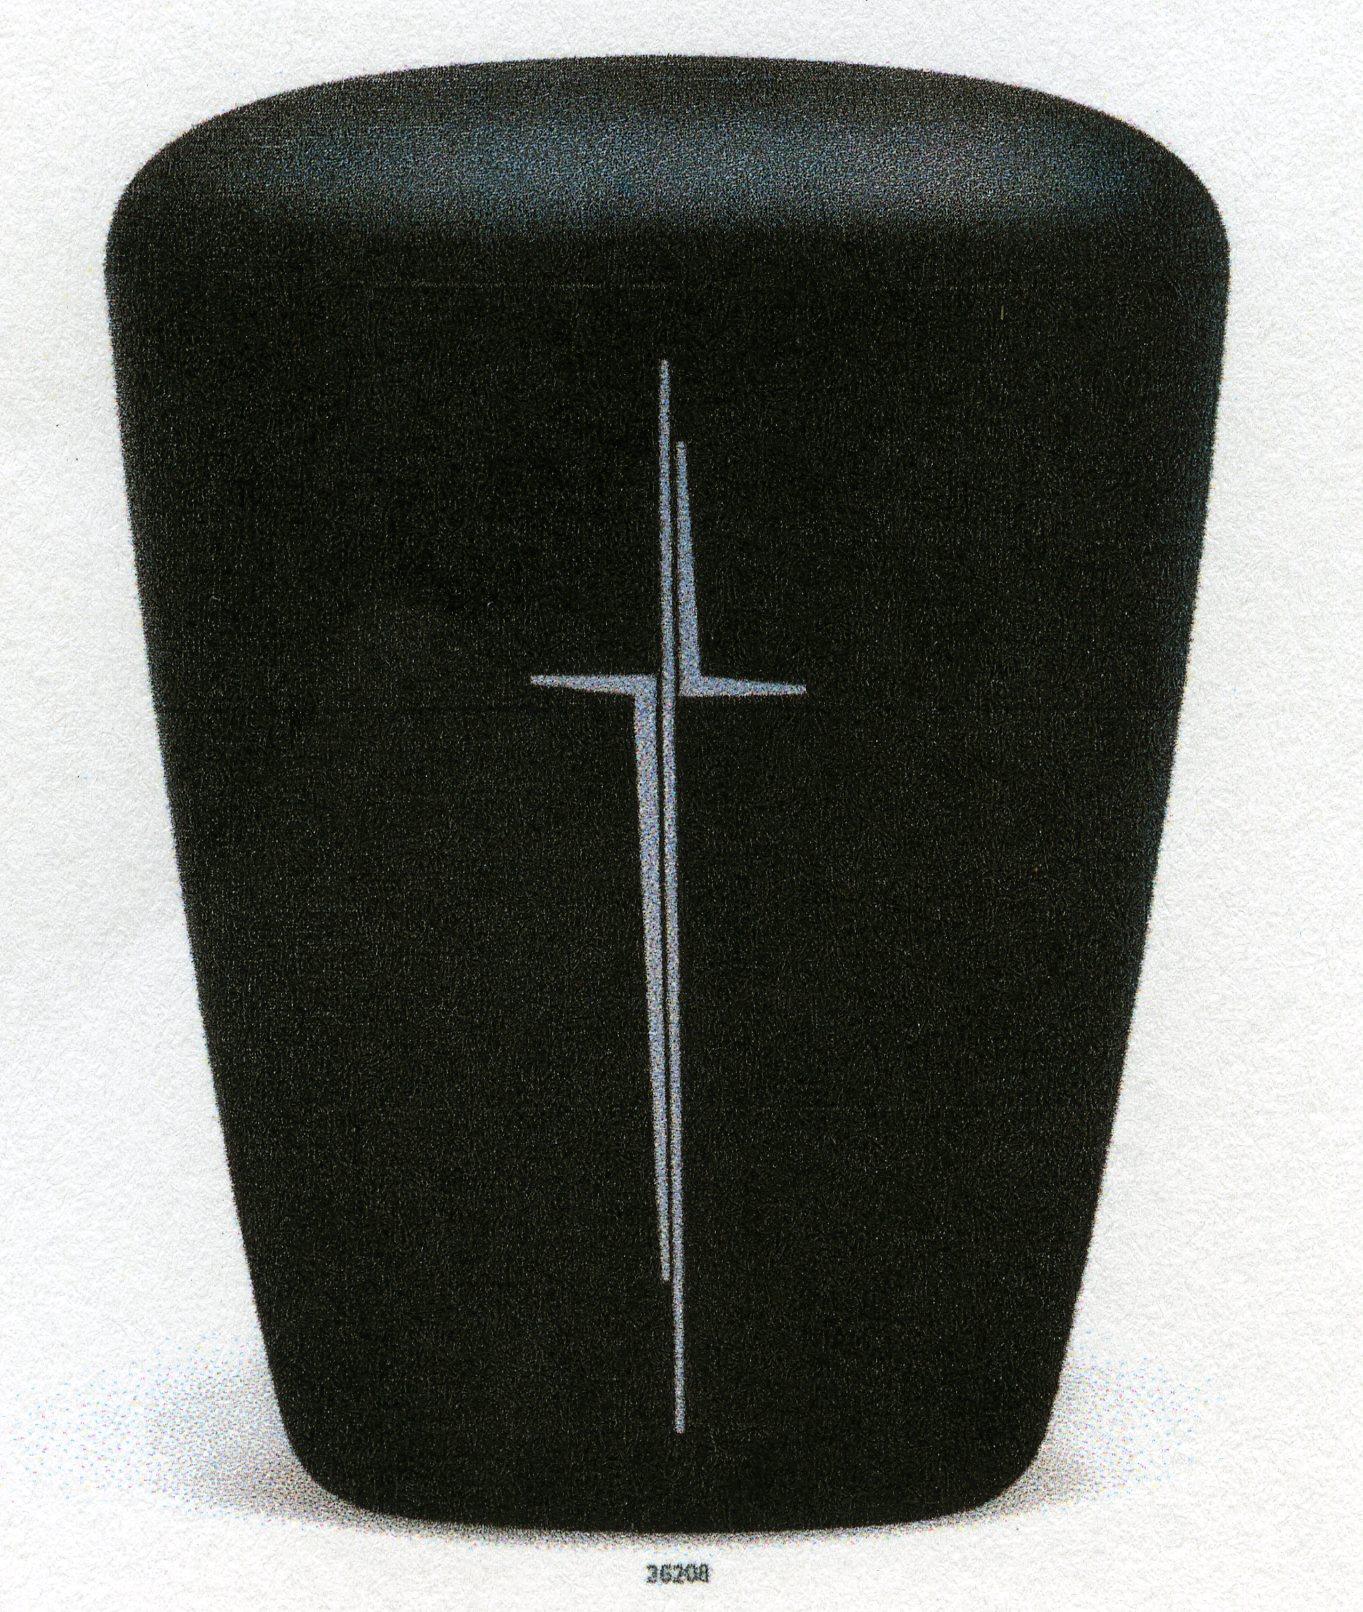 Urne med relief, farge sort